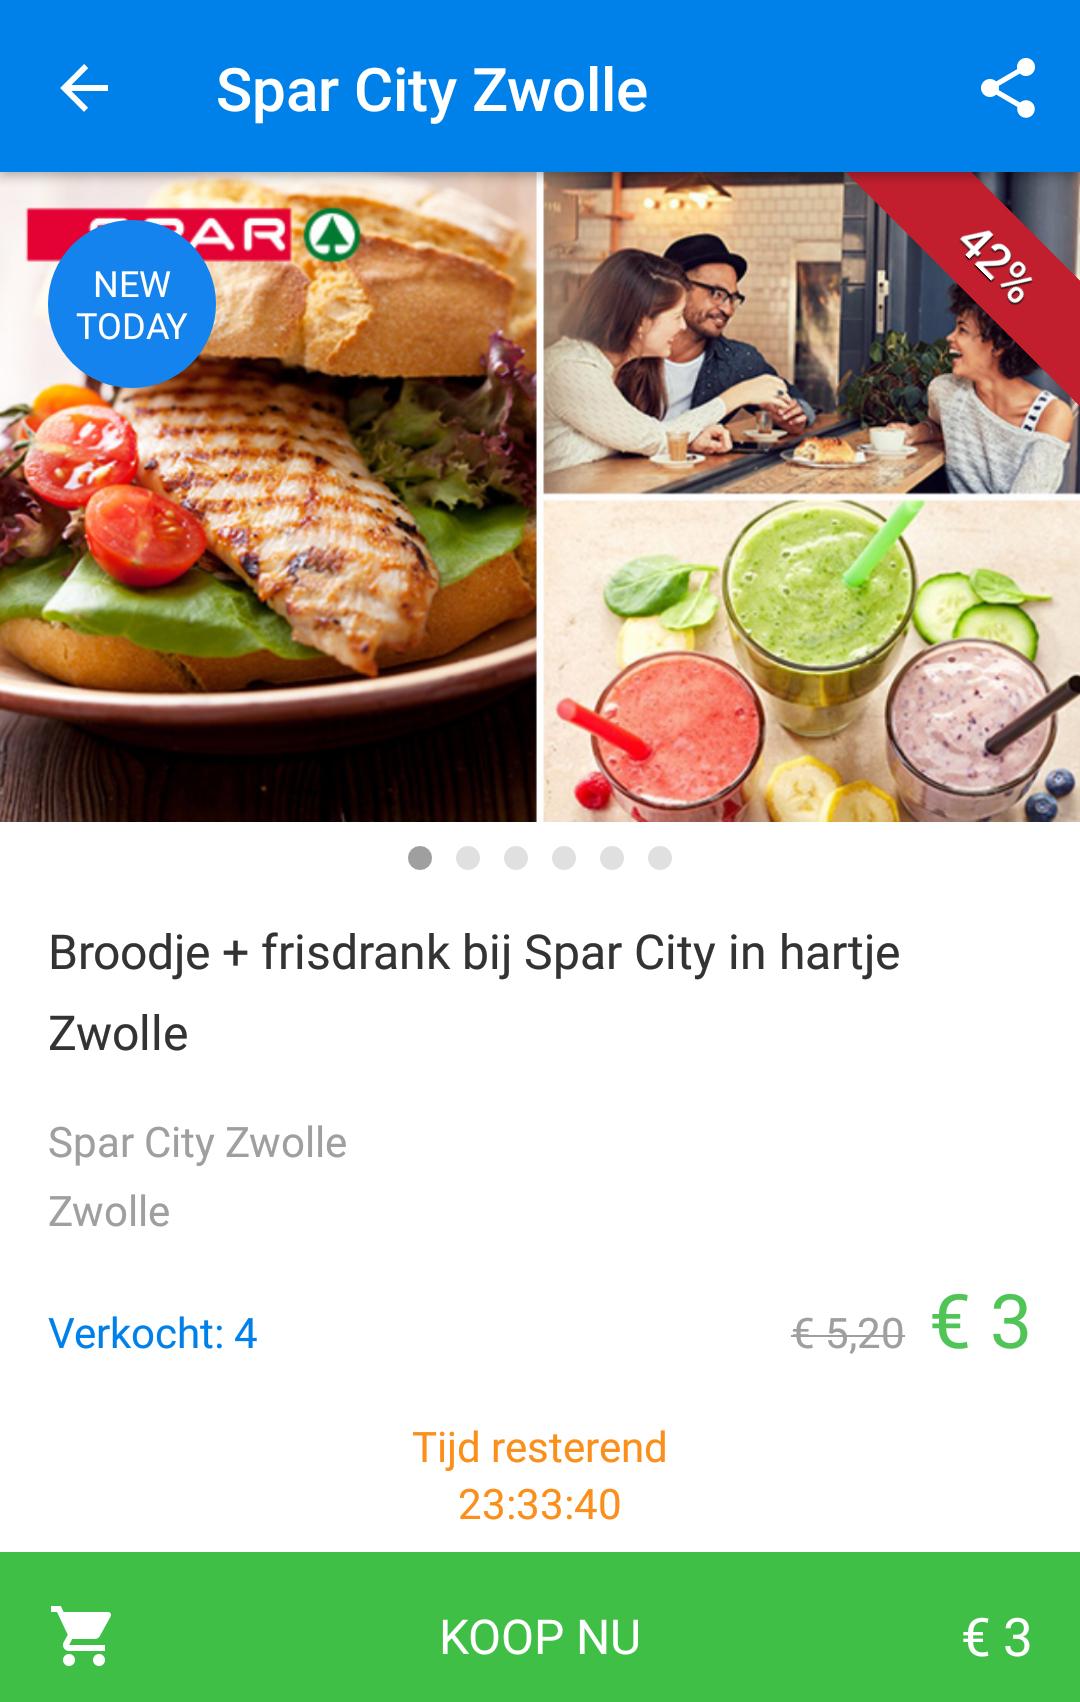 Spar City Zwolle: 3 belegde broodjes met 3 maal frisdrank voor €6,50